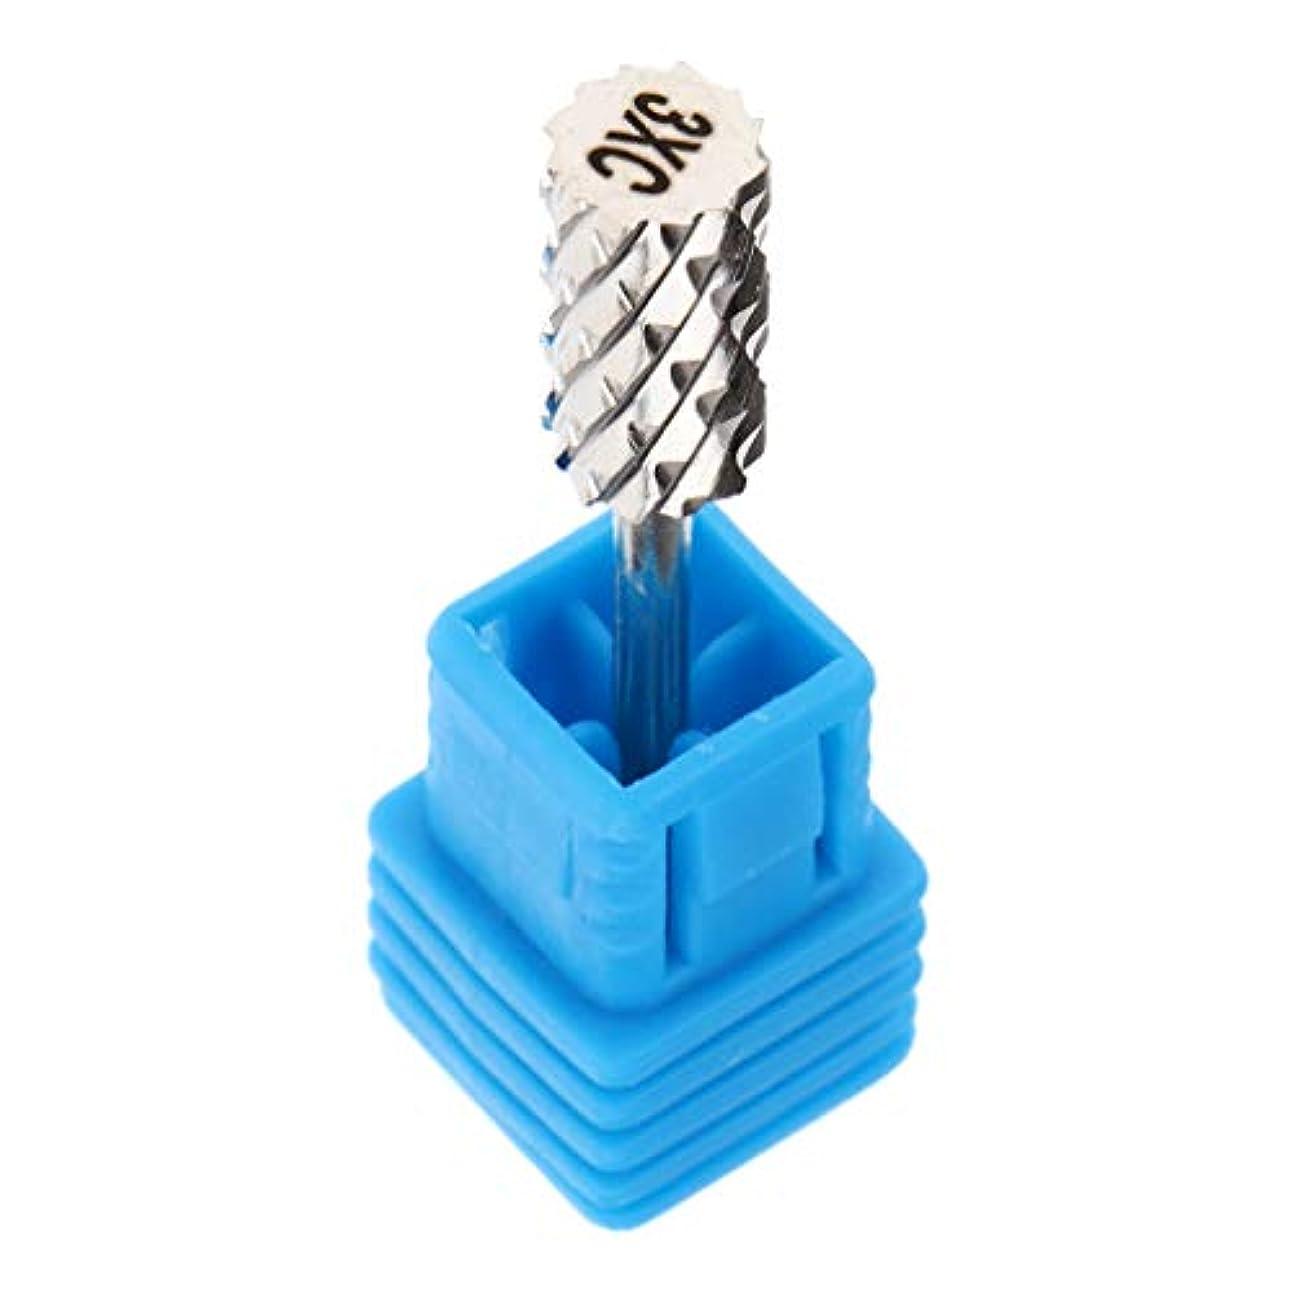 獣要塞囚人CUTICATE 電気ネイルマシン ネイルドリルビット 研磨ヘッド ネイルサロン 爪やすり 全6選択 - 06